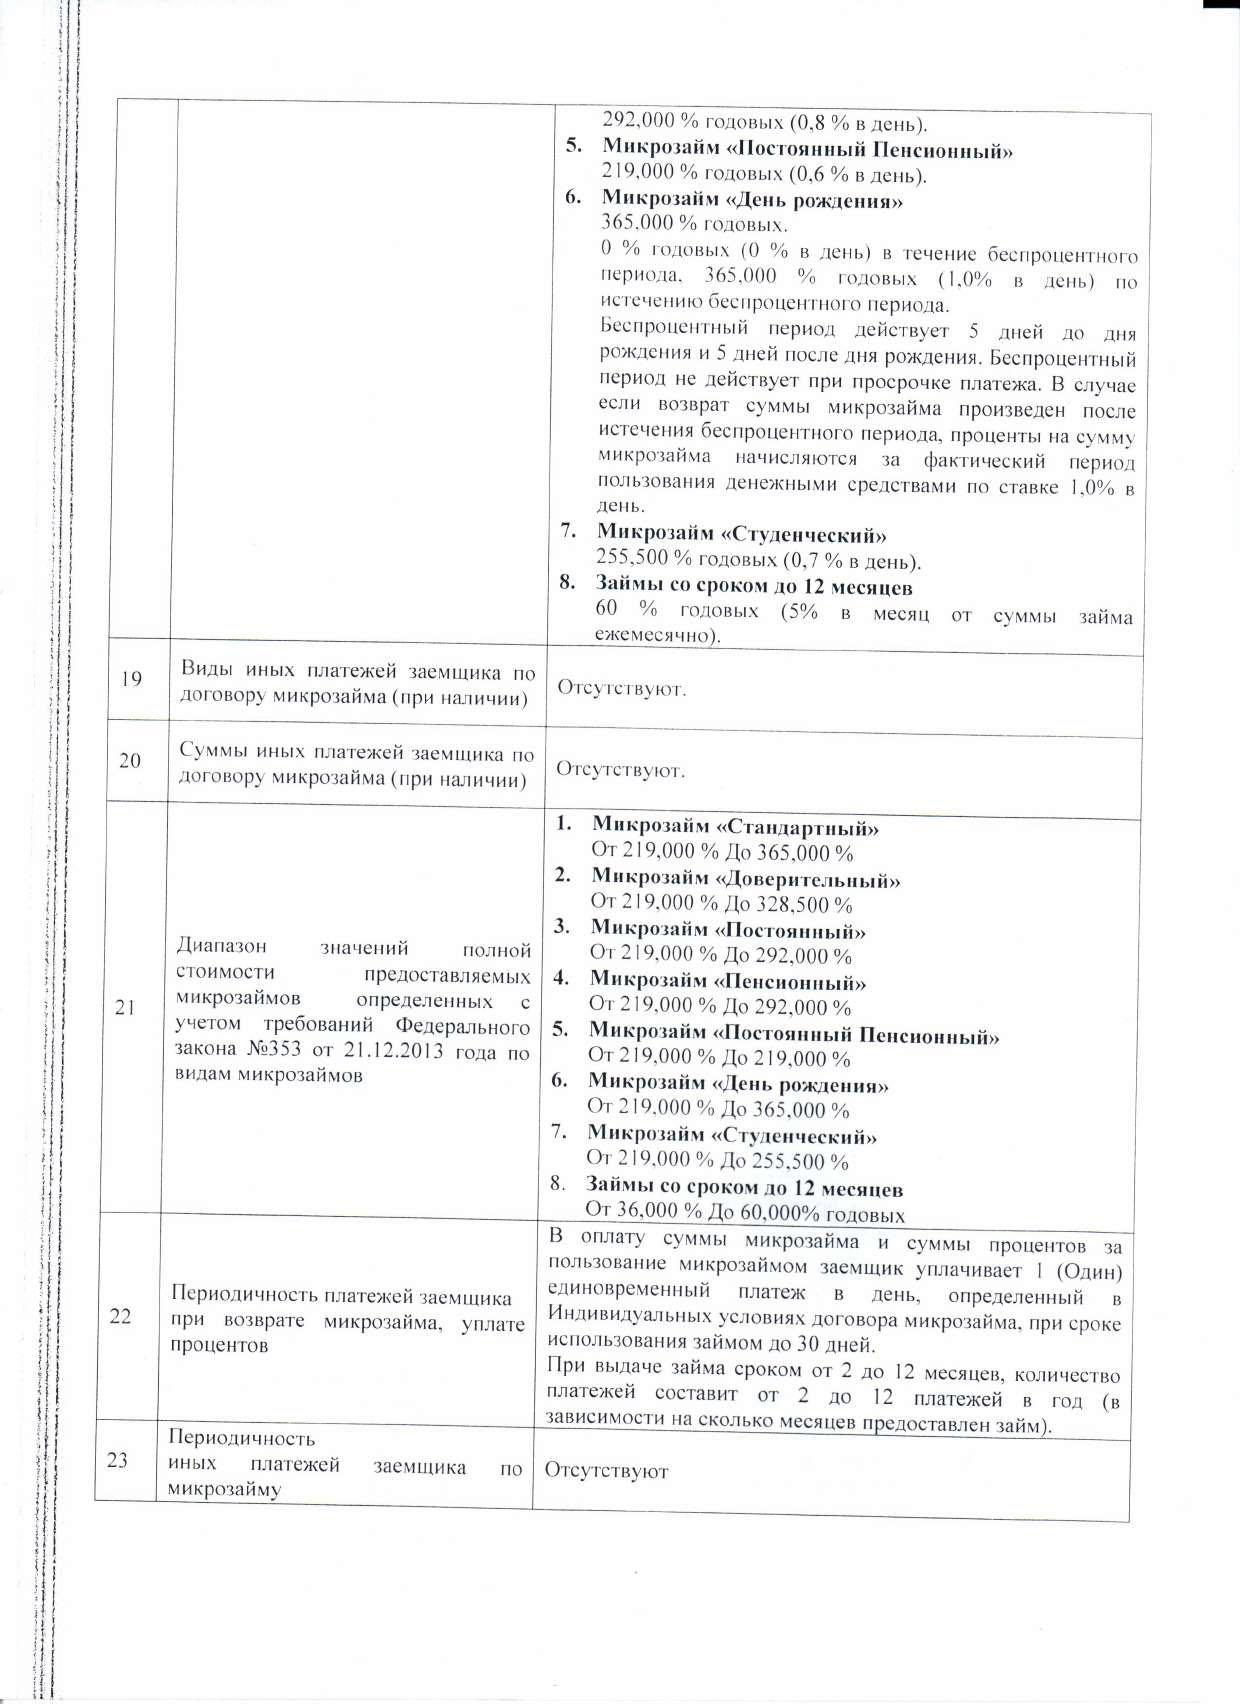 Информация об условиях предоставления, использования и возврата микрозаймов стр5